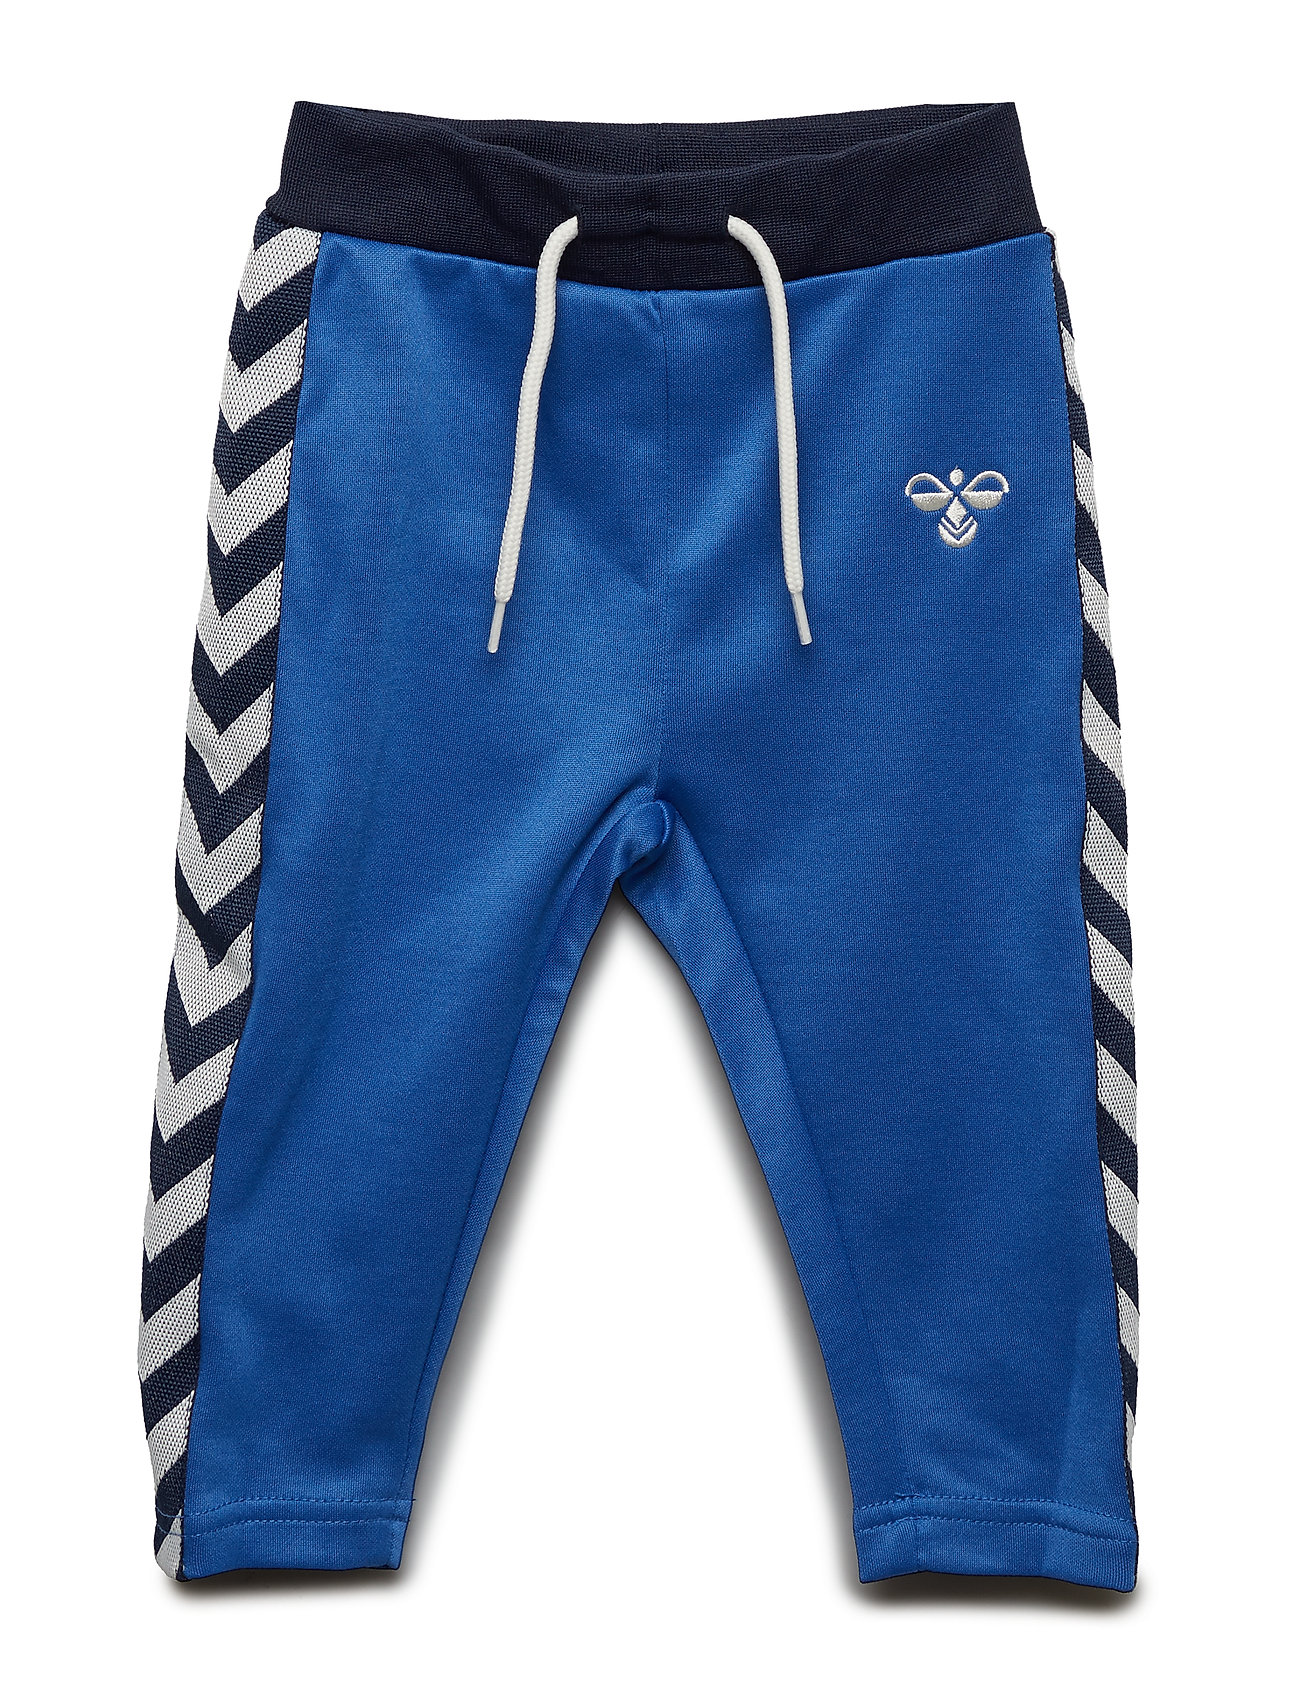 Hummel HMLMICKEY PANTS - NEBULAS BLUE